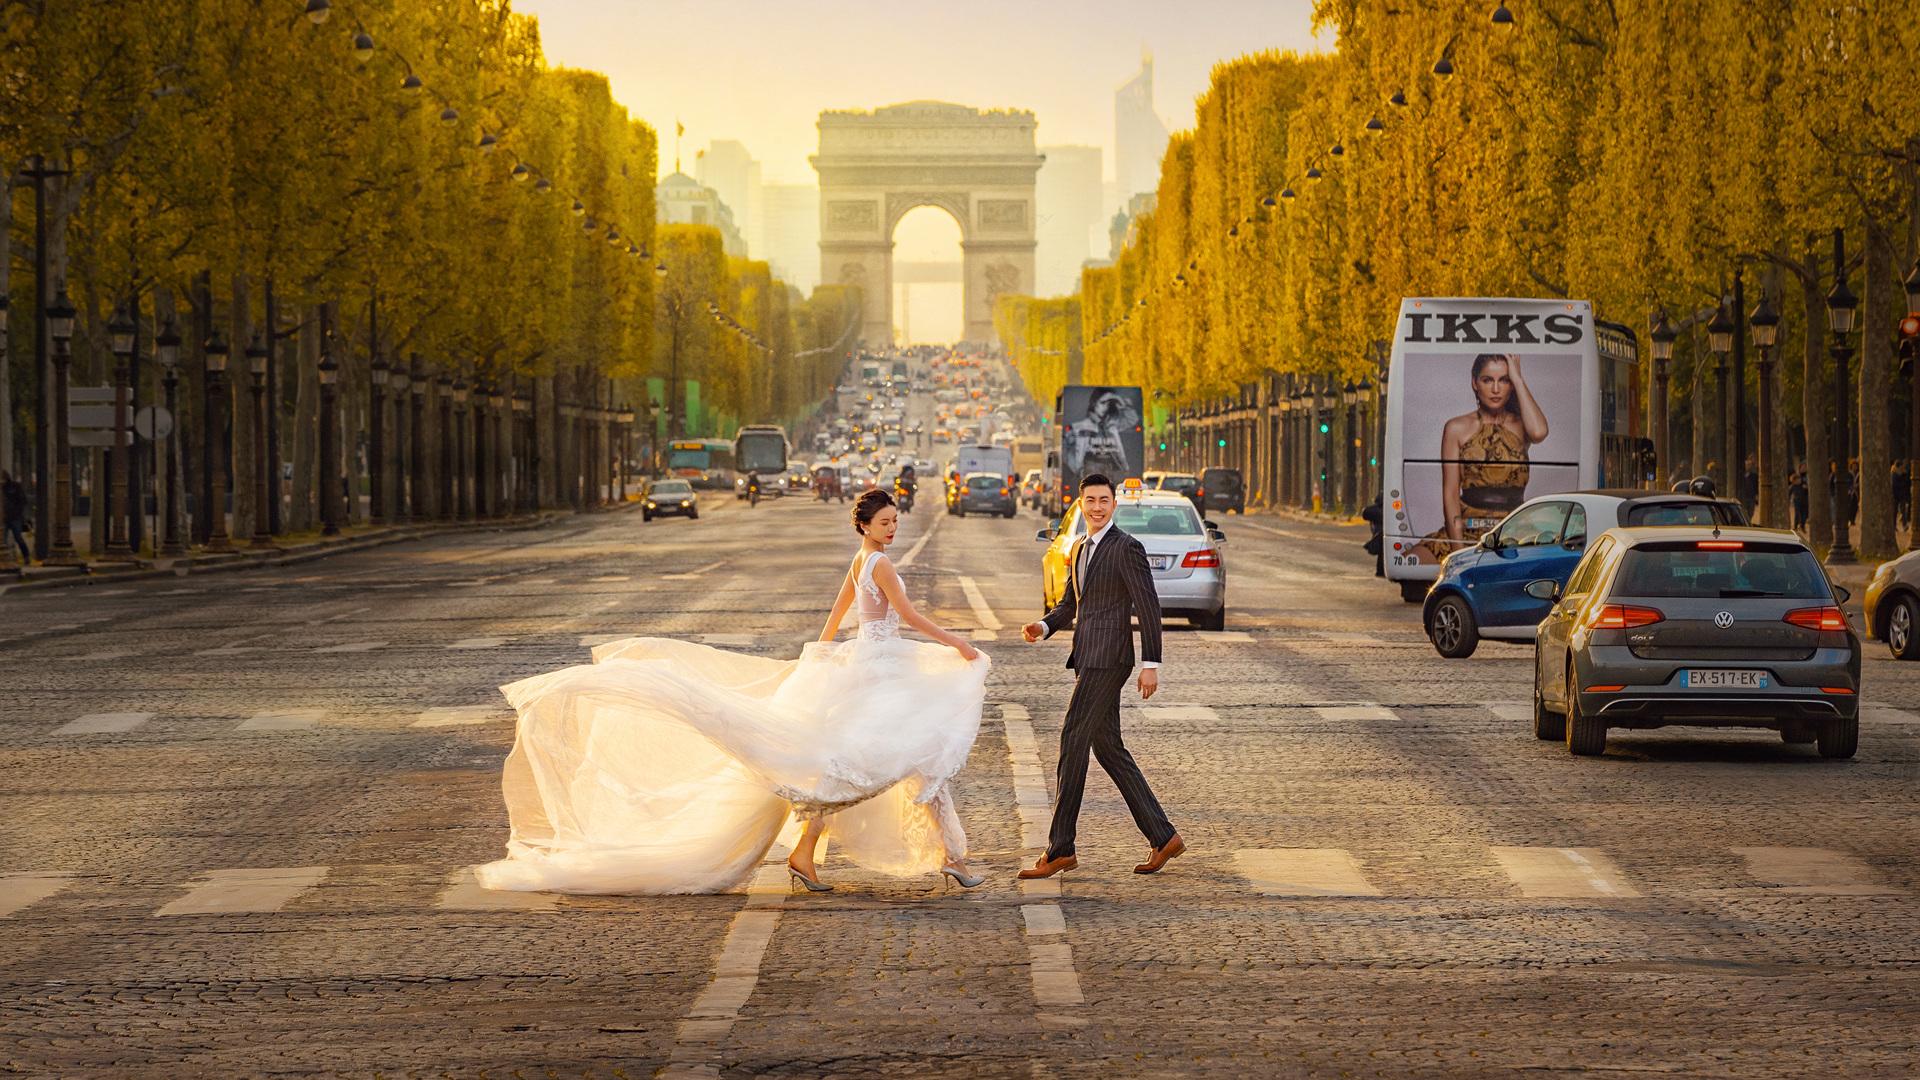 怎么辨别婚纱摄影机构怎么优劣 厦门婚纱摄影机构挑选攻略